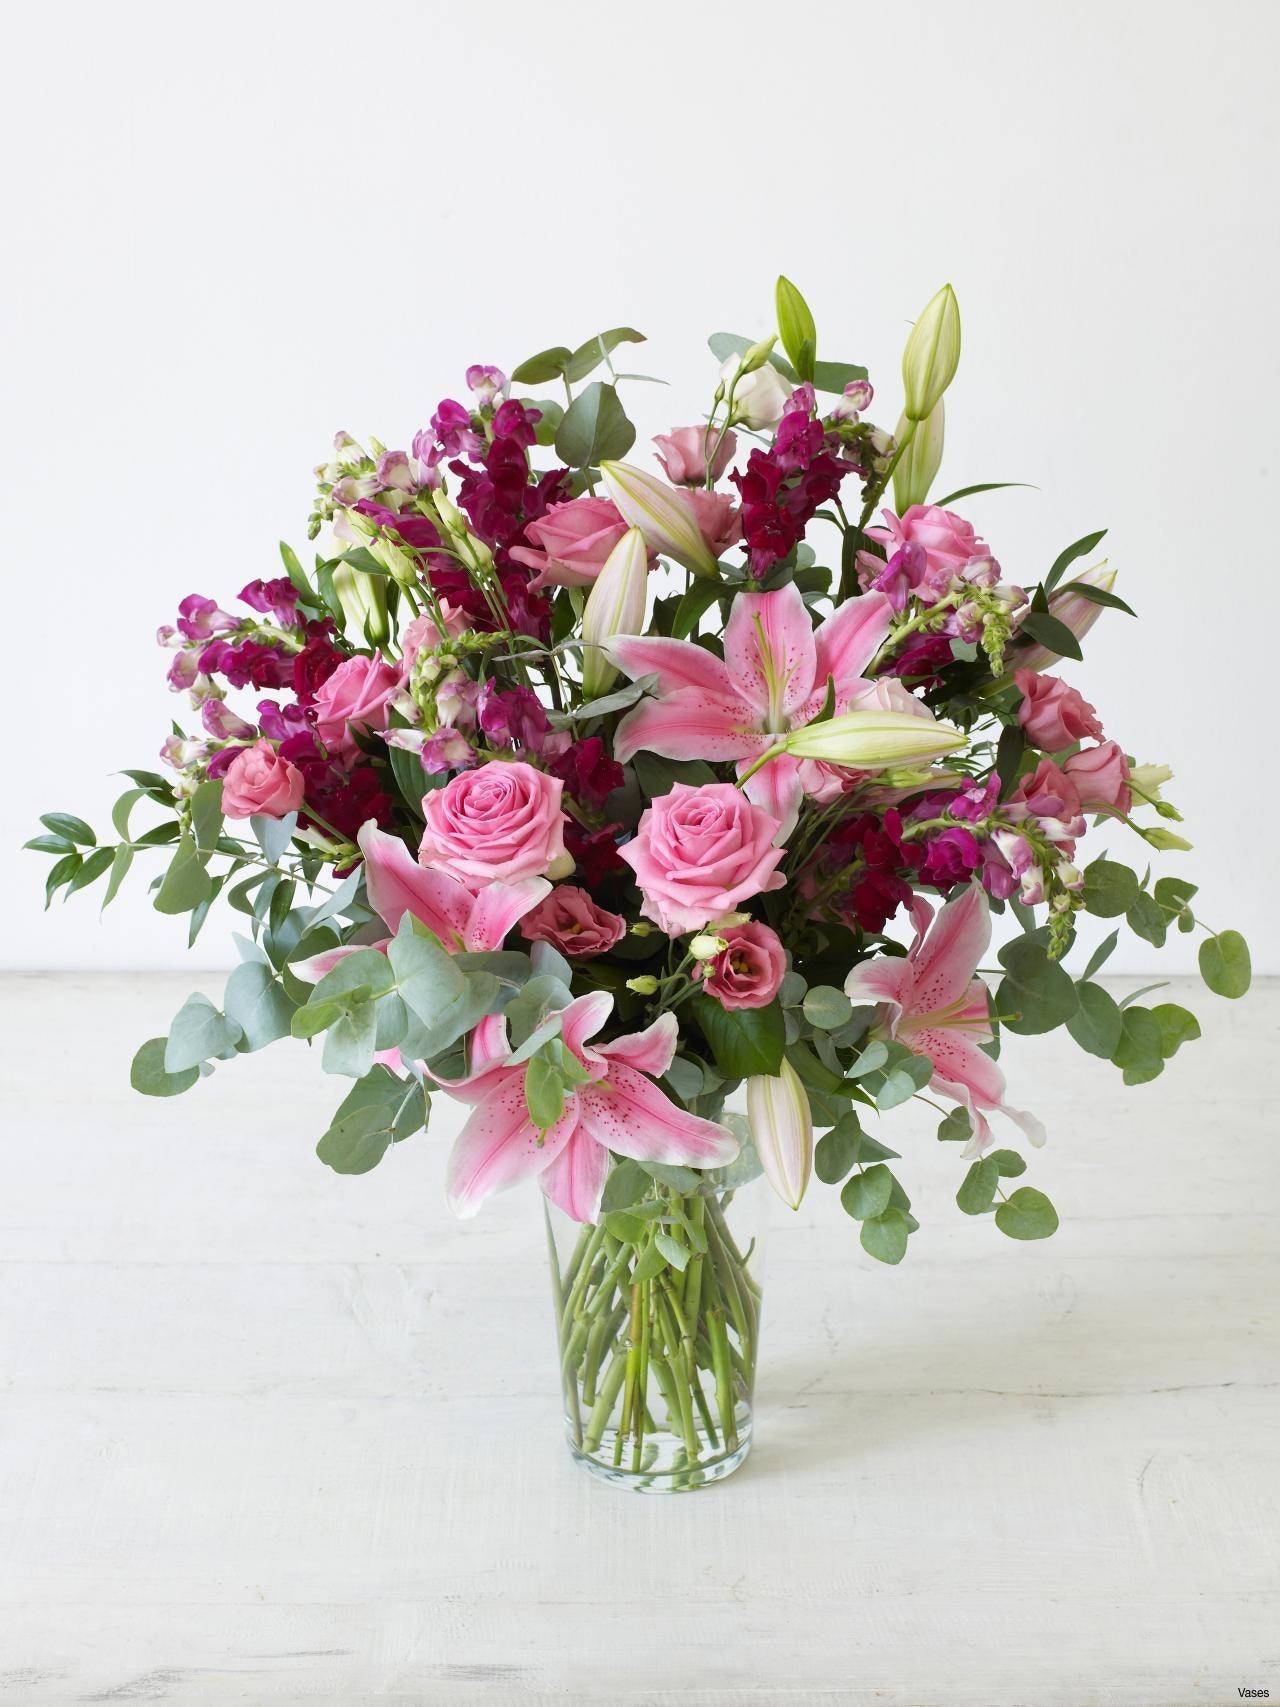 Flower Arrangements Elegant Floral Arrangements 0d Design Ideas Scheme Flowers for Centerpieces 34 Inspirational